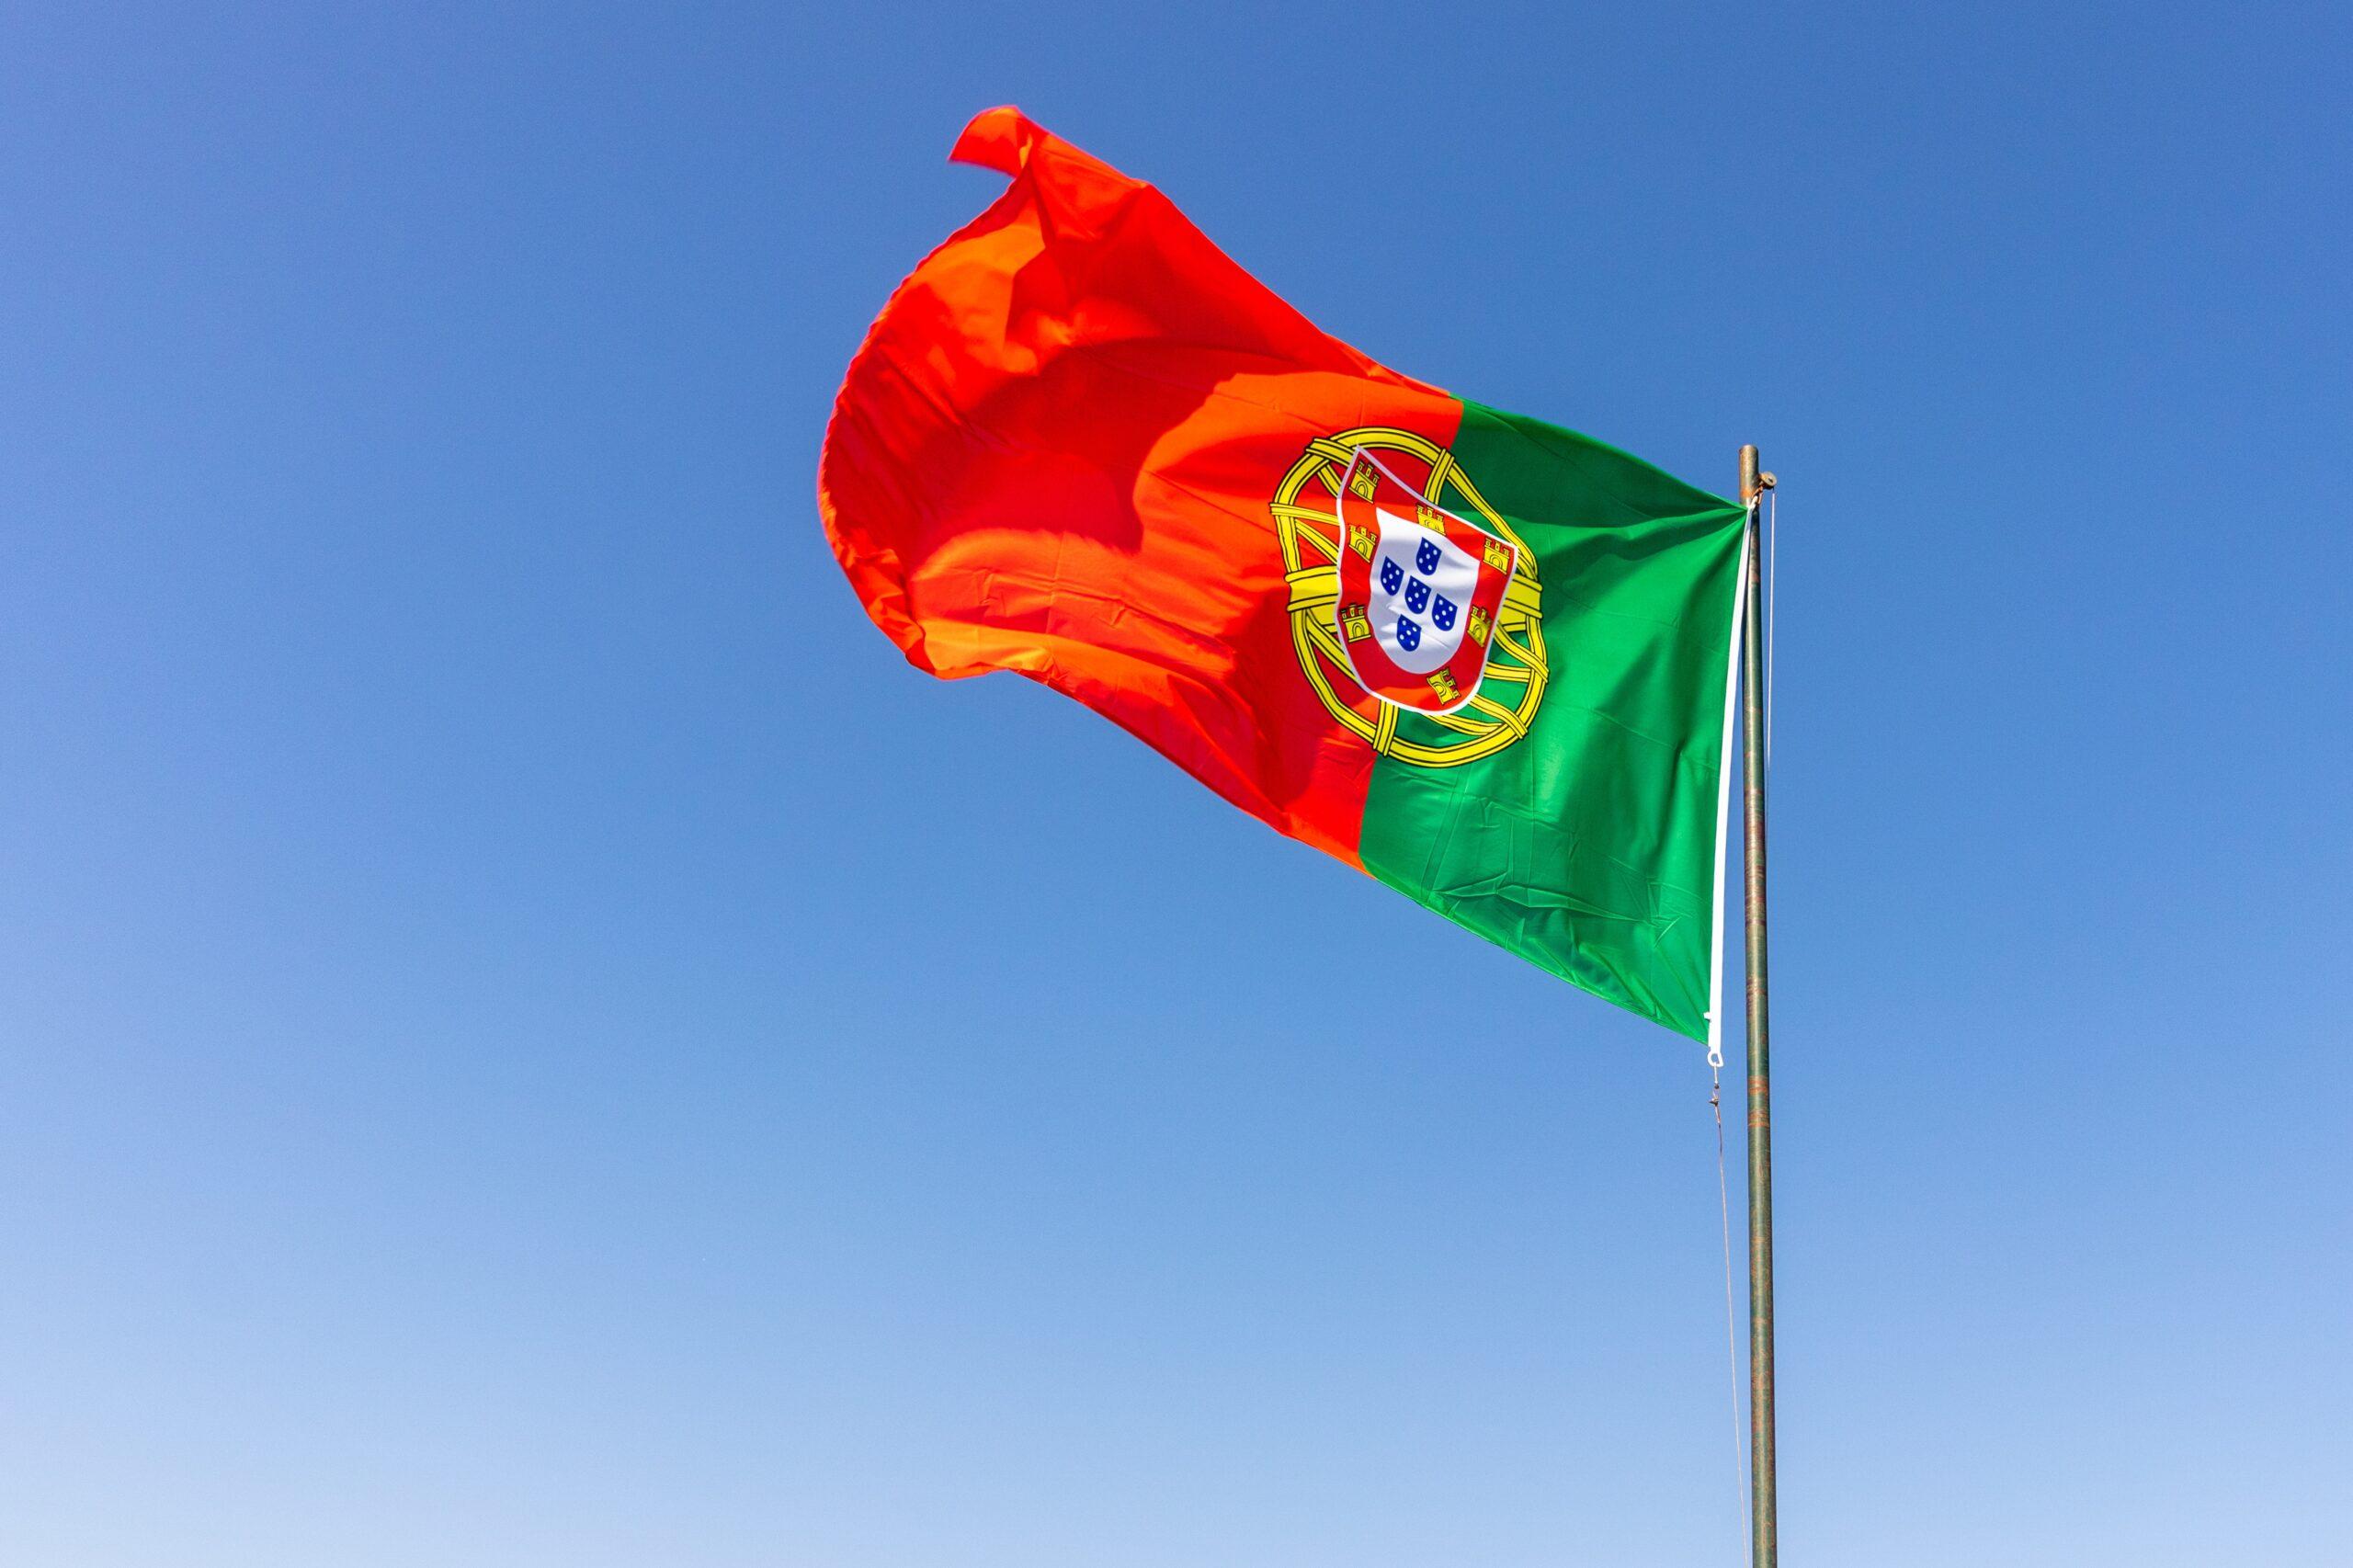 Sobrenomes portugueses mais comuns no Brasil